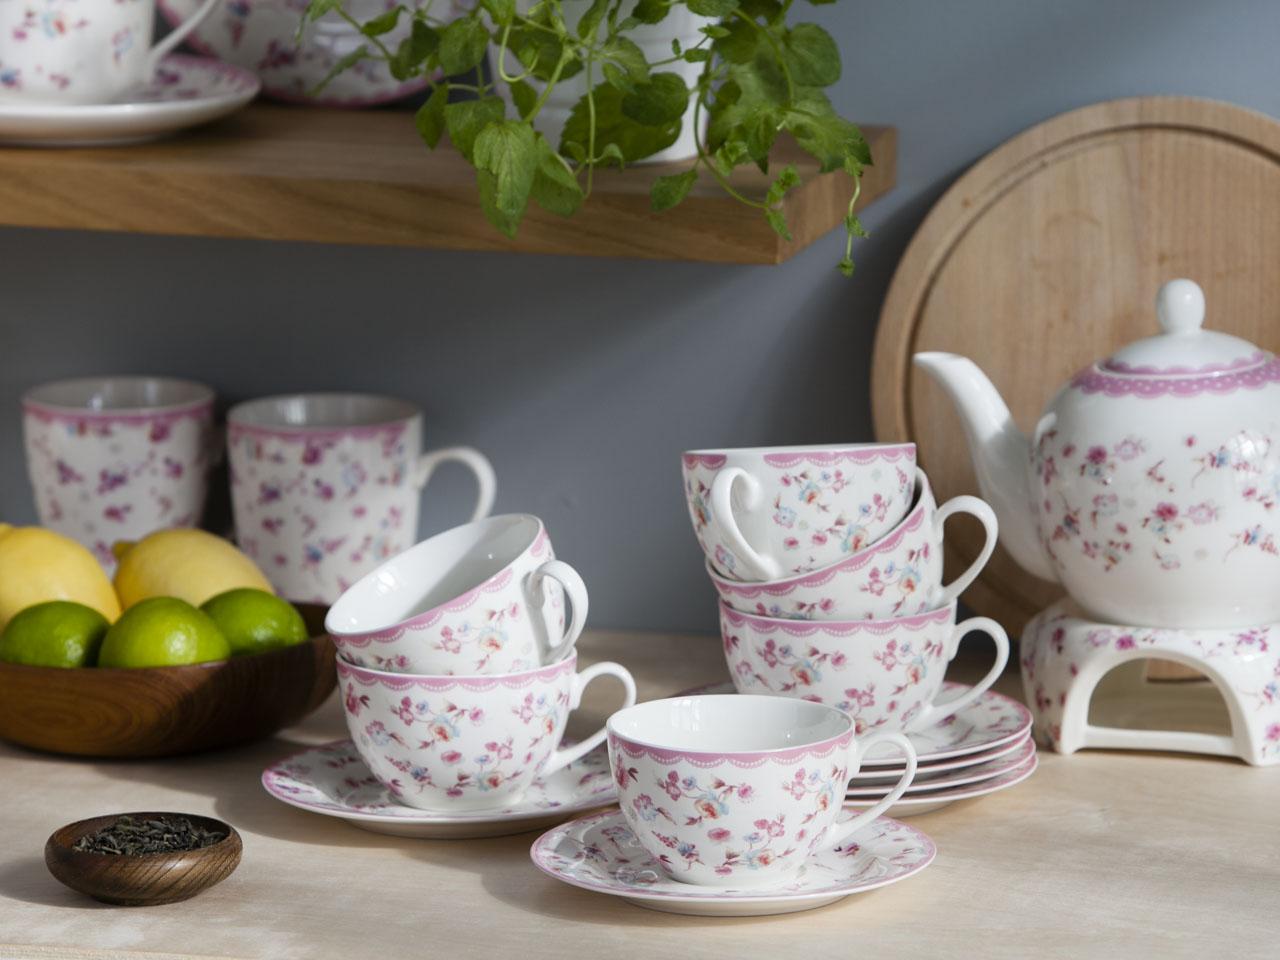 Serwis / Zestaw kawowy na 6 osób porcelana Altom Design kolekcja Folly (12 elementów / opakowanie prezentowe)